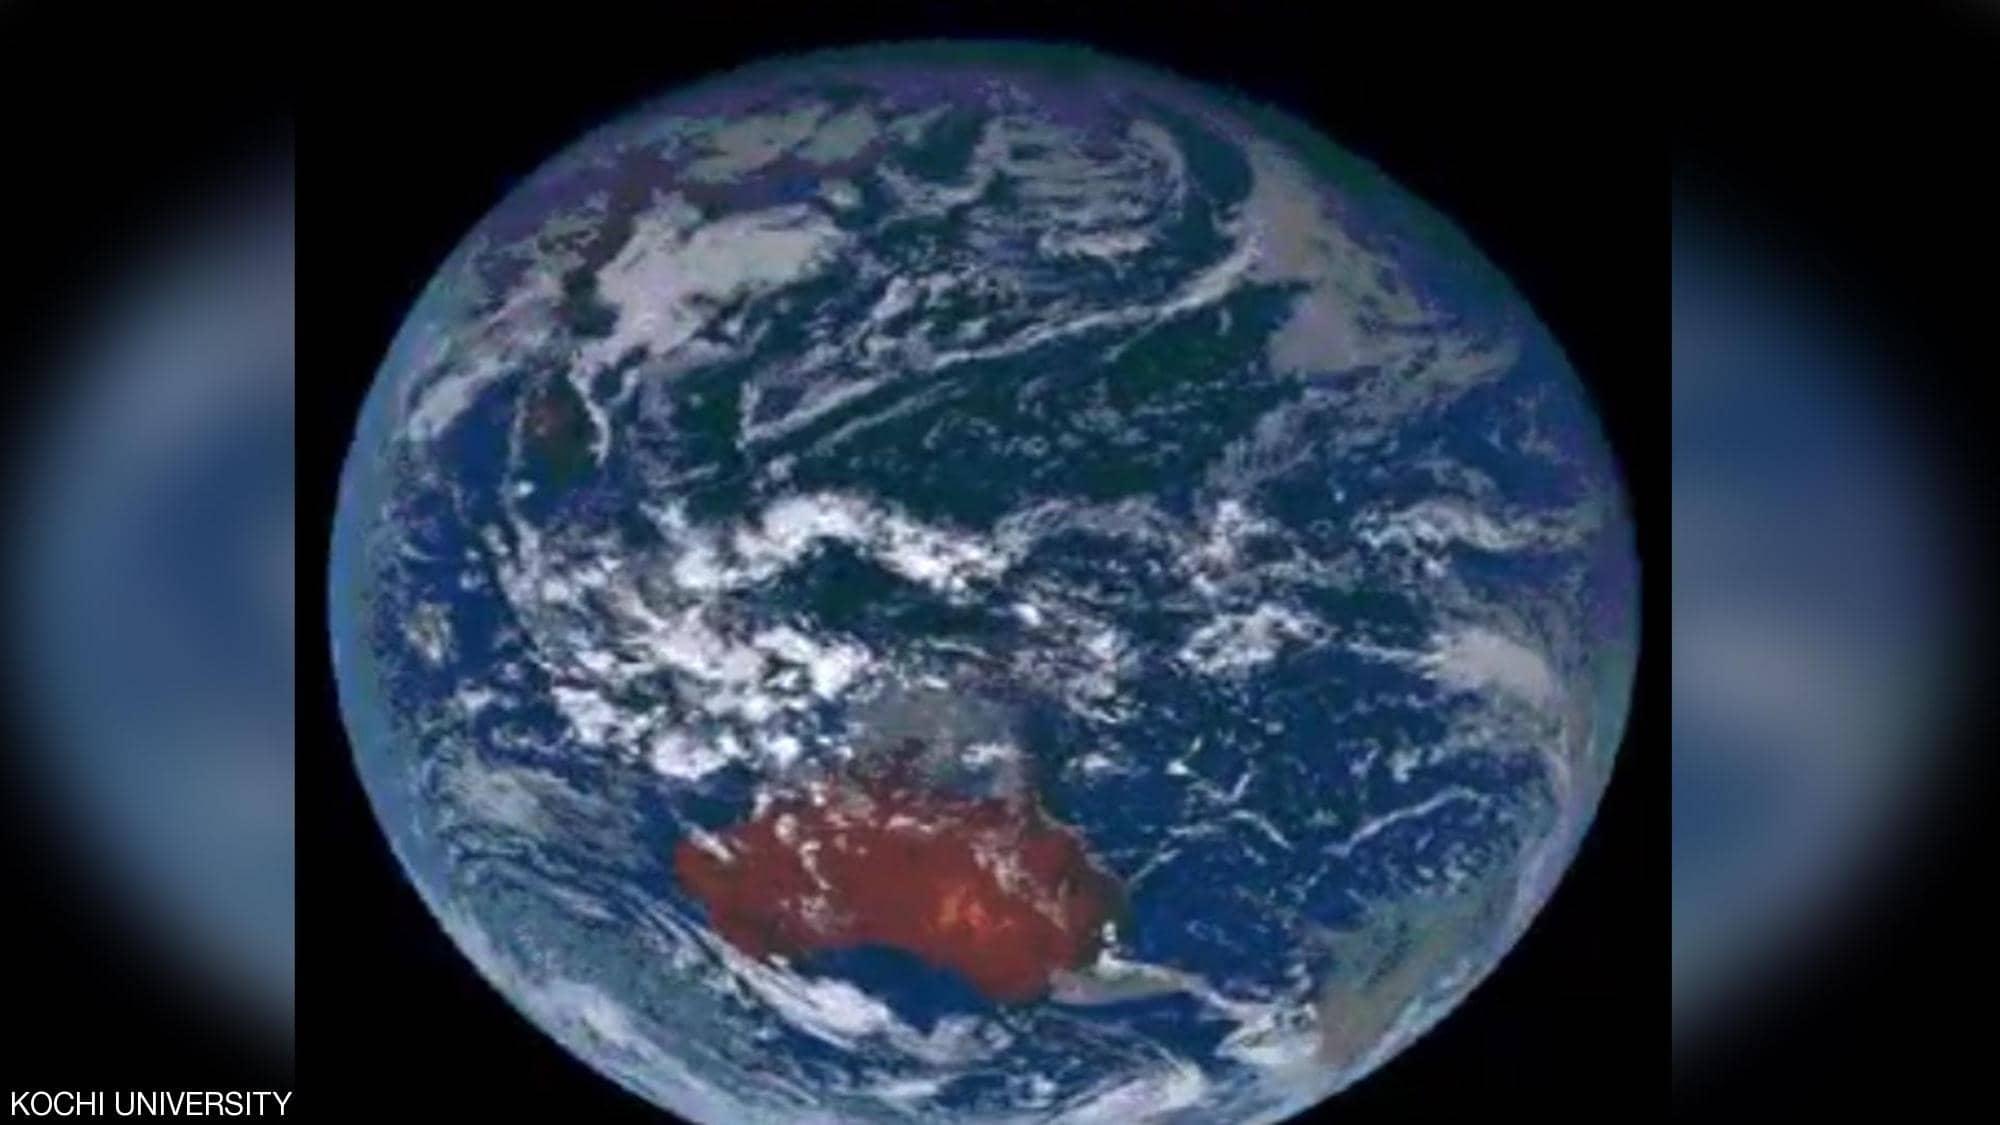 استراليا تبدو كرة حمراء